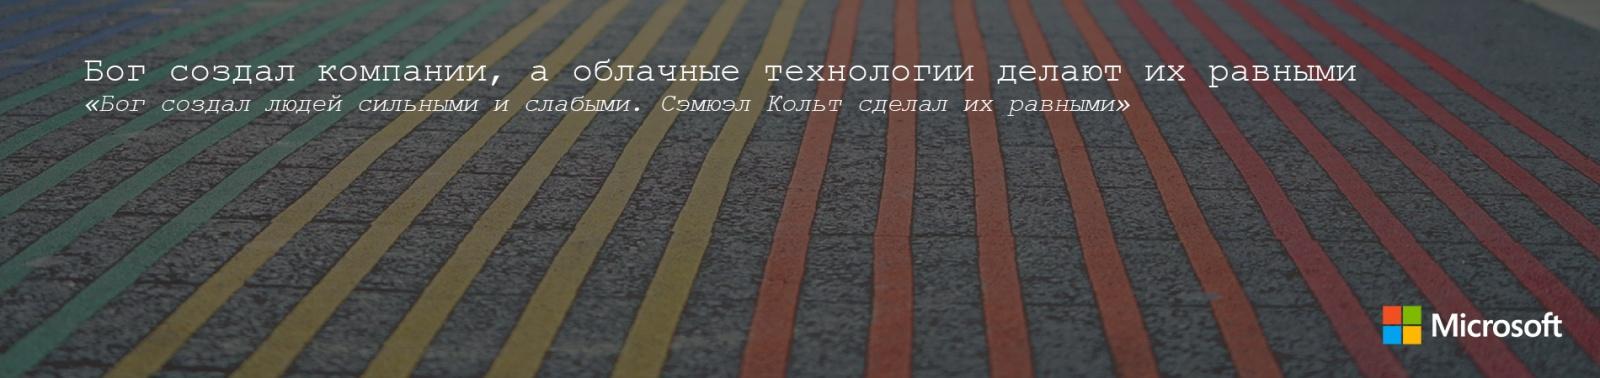 Digital Transformation: Интервью с Александром Ложечкиным - 5